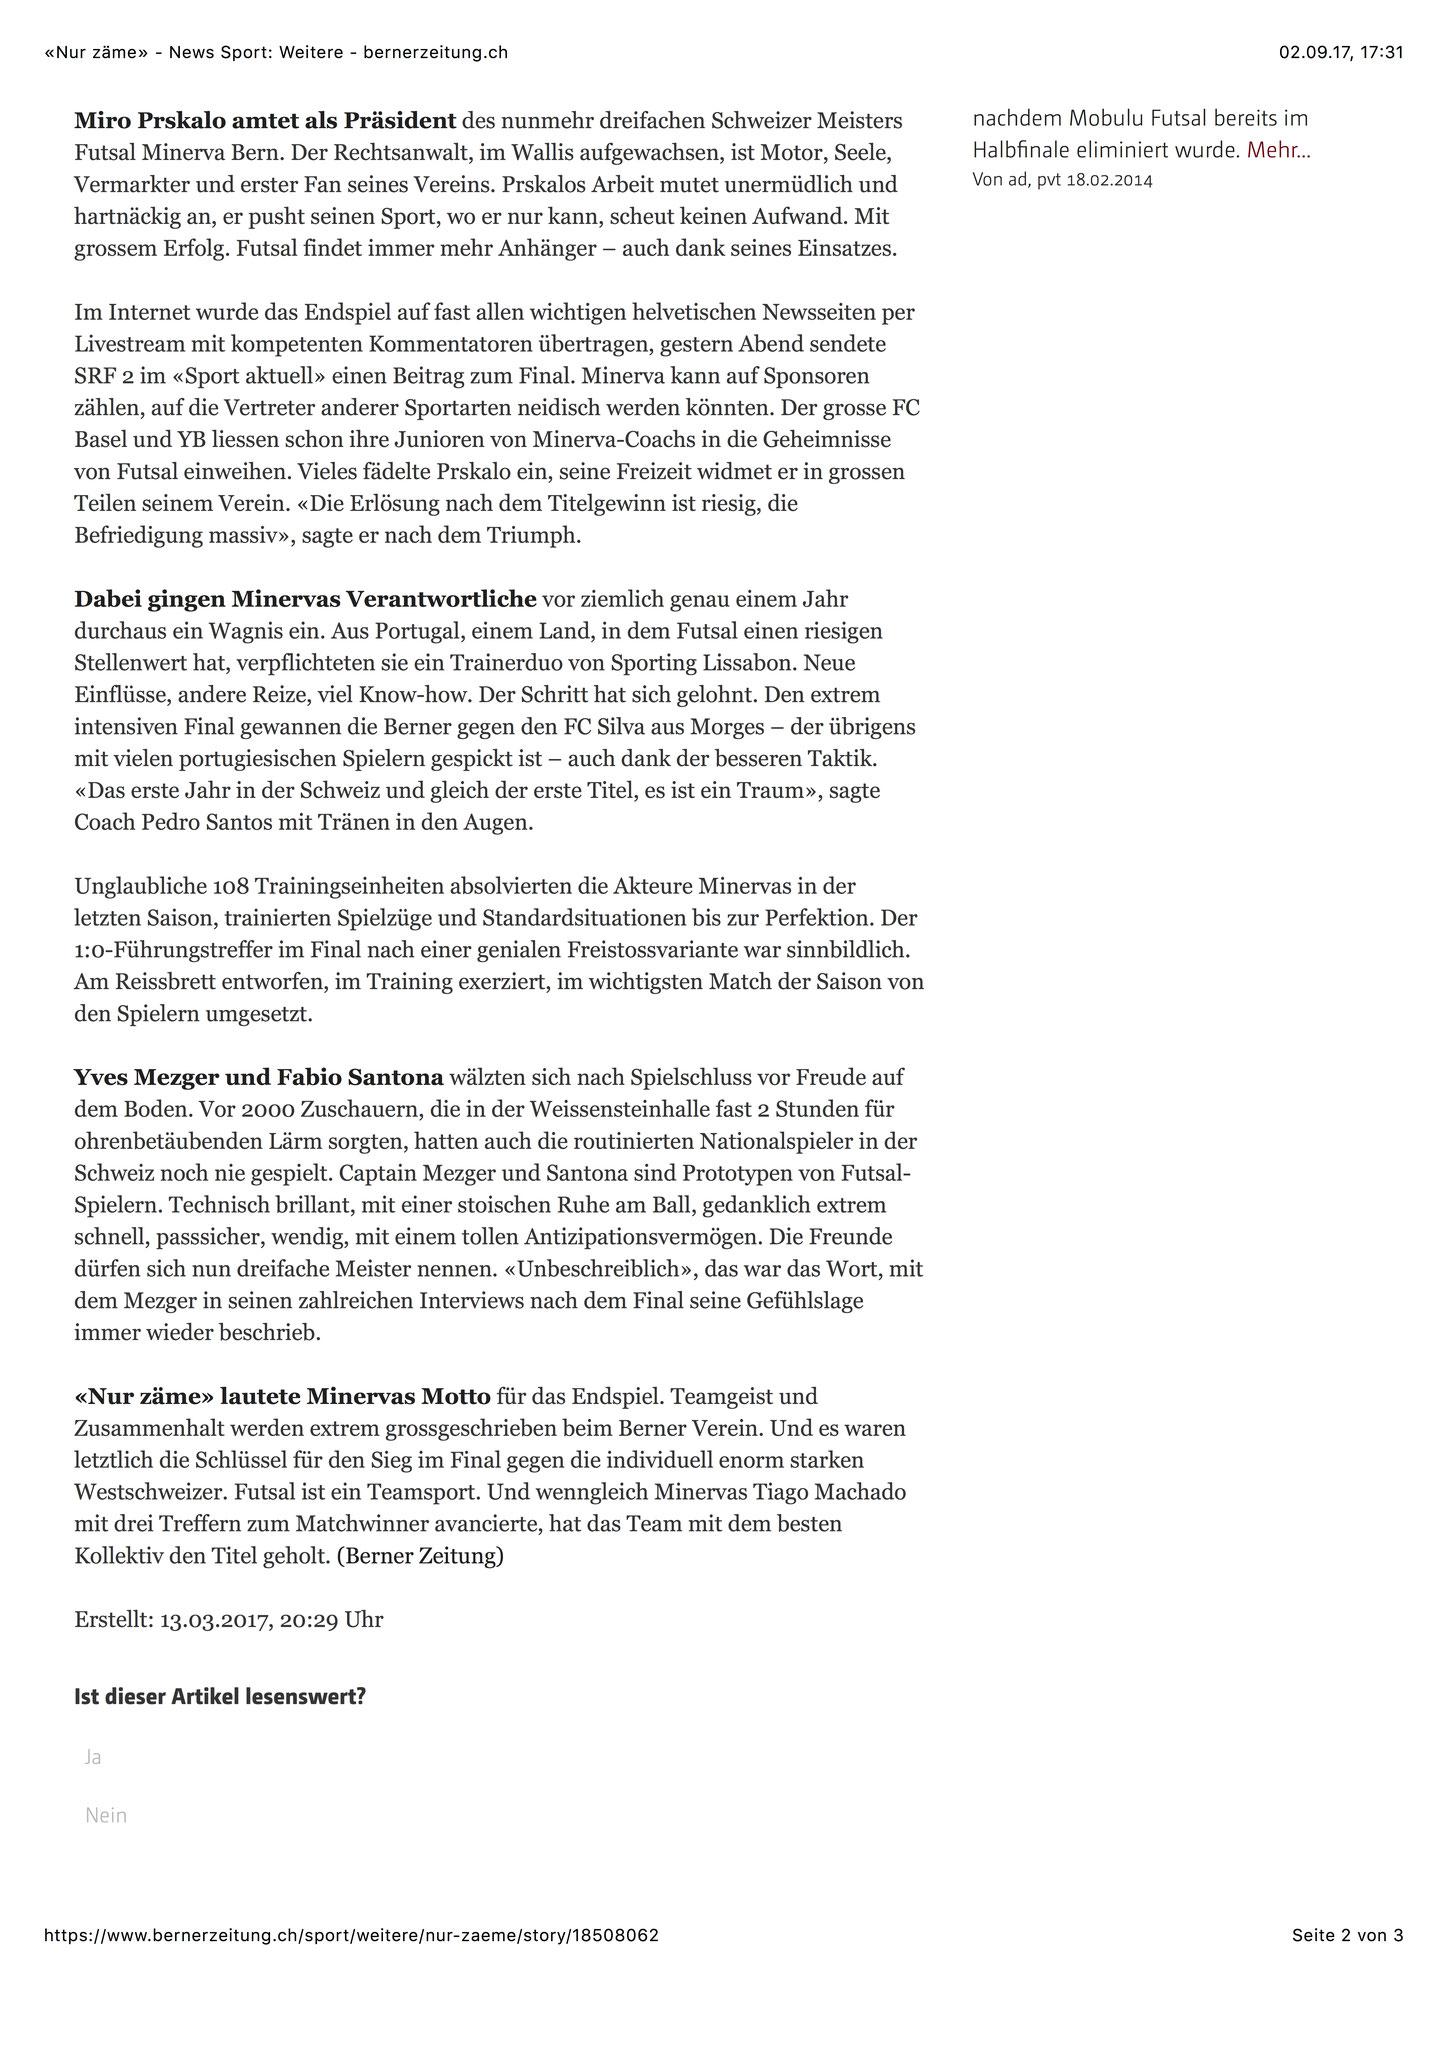 Berner Zeitung BZ - 13. März 2017 - S. 2